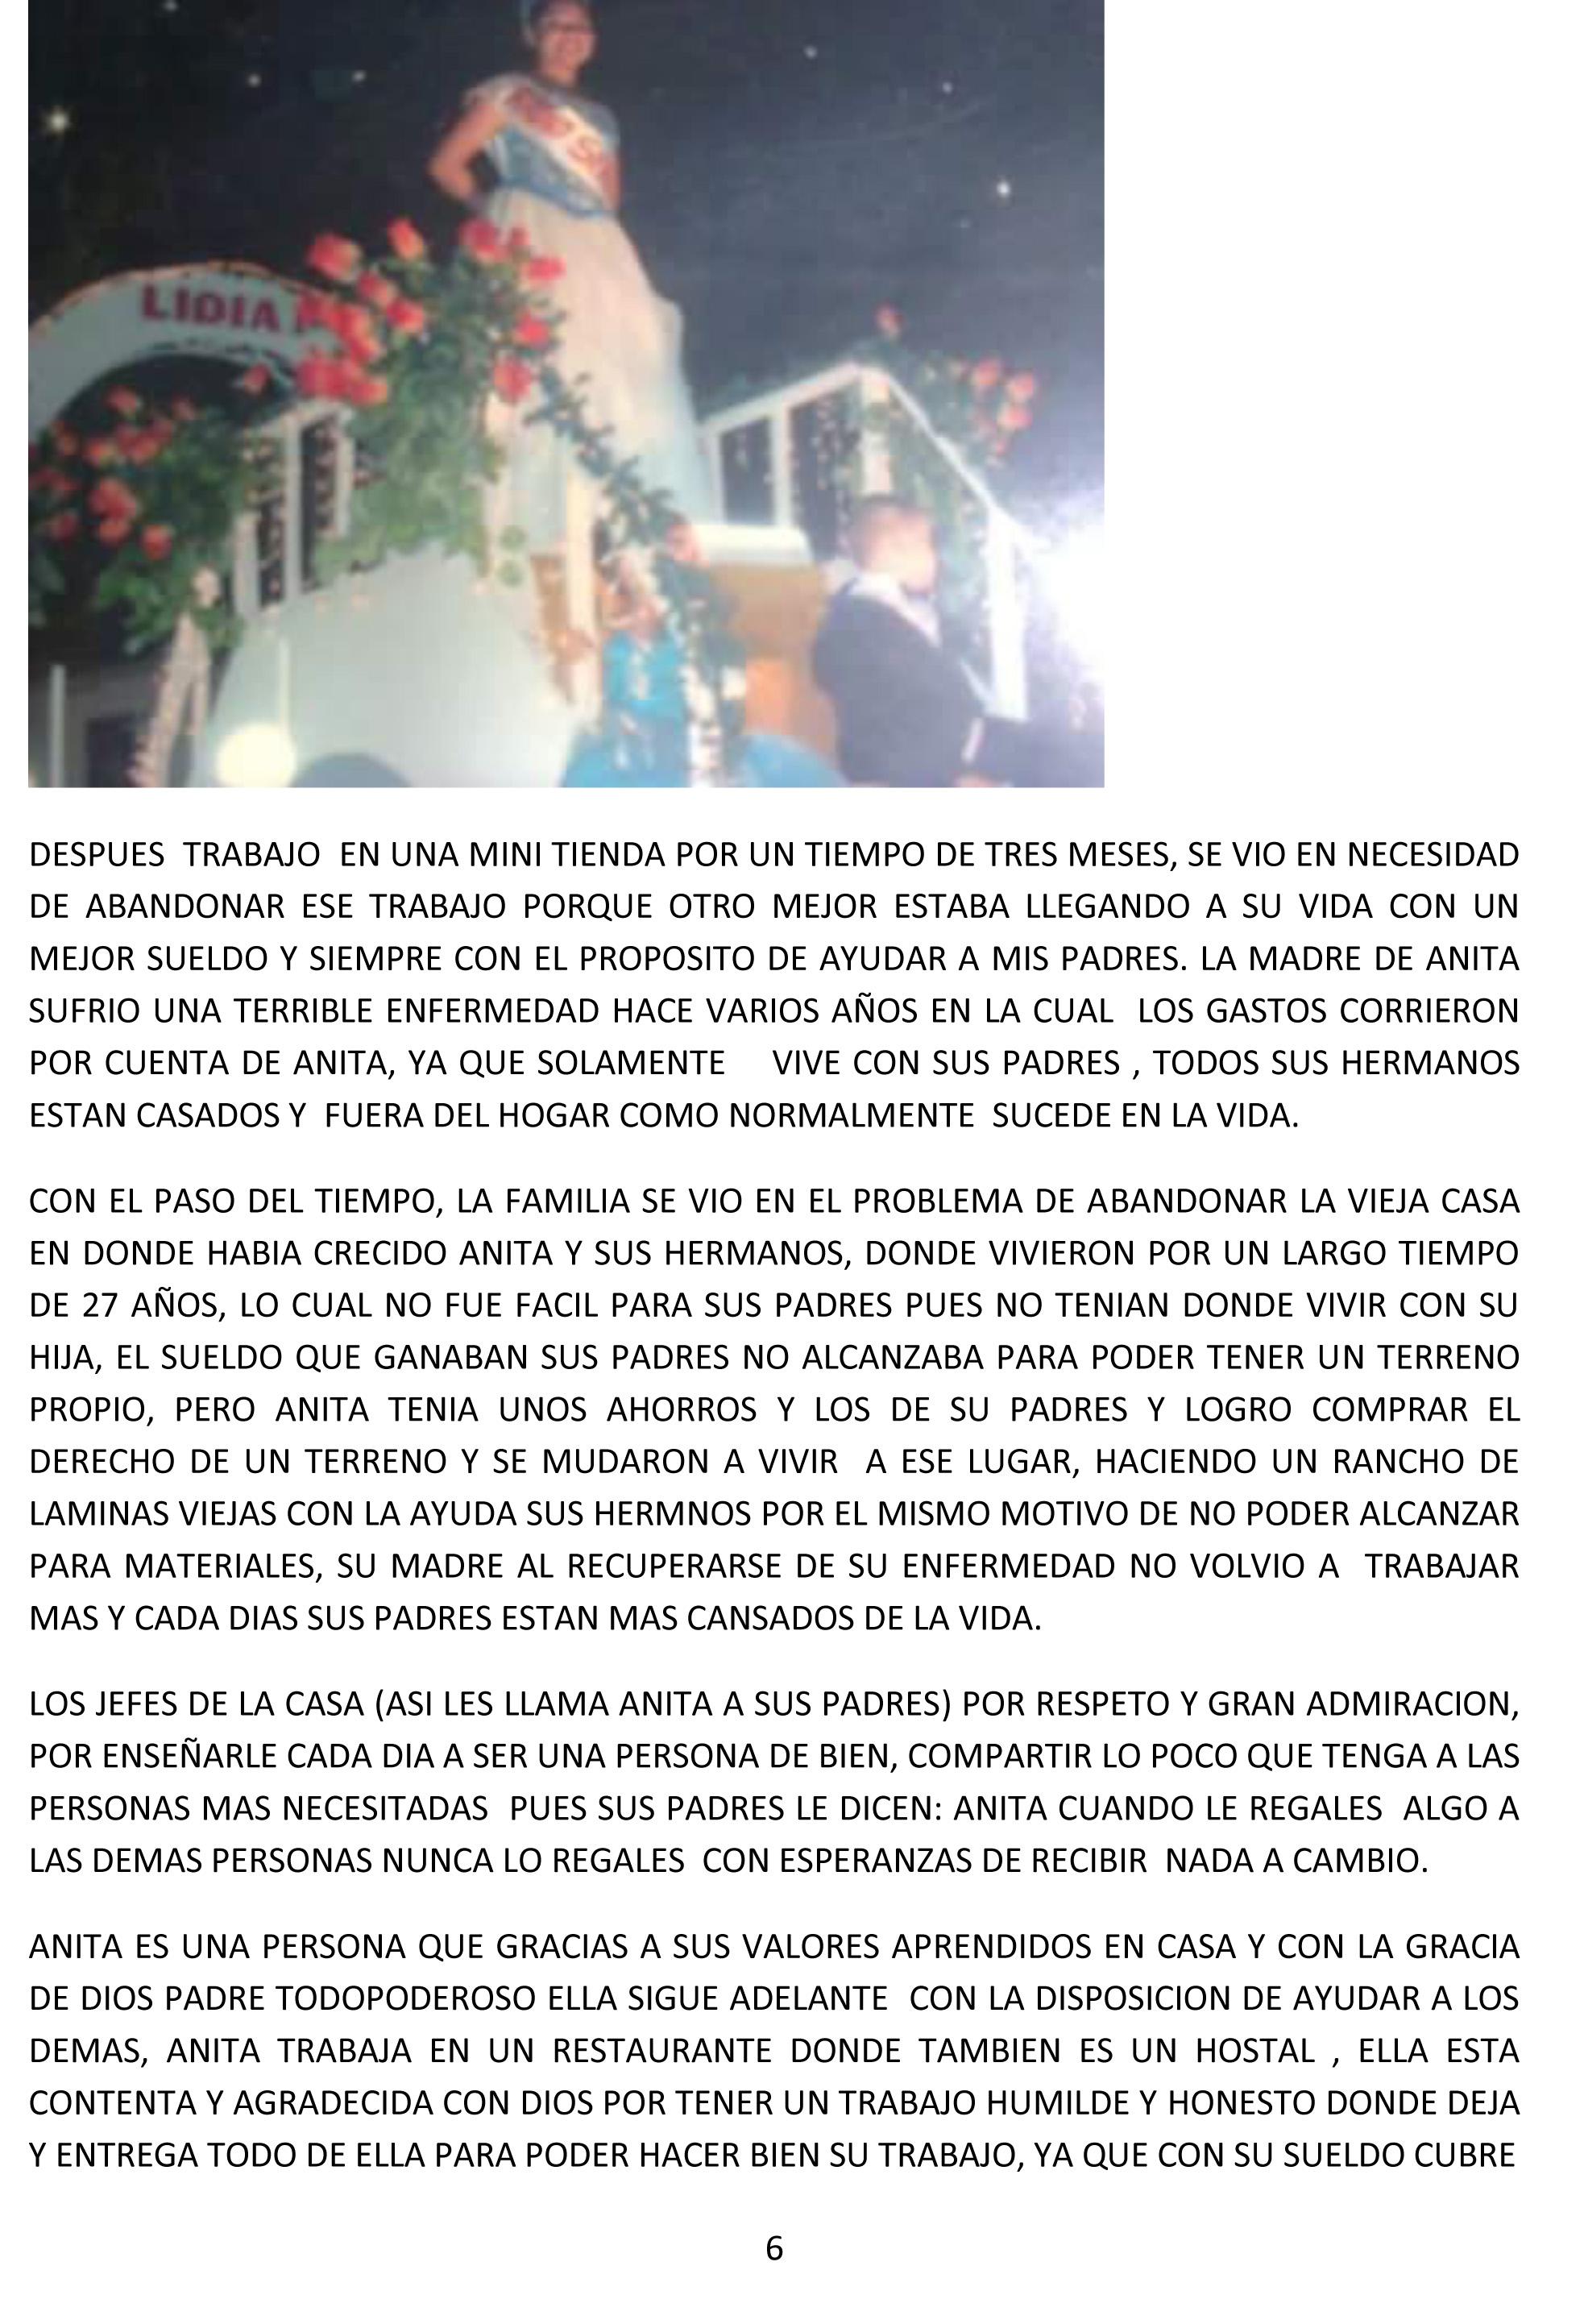 LA HISTORIA DE ANITA-6